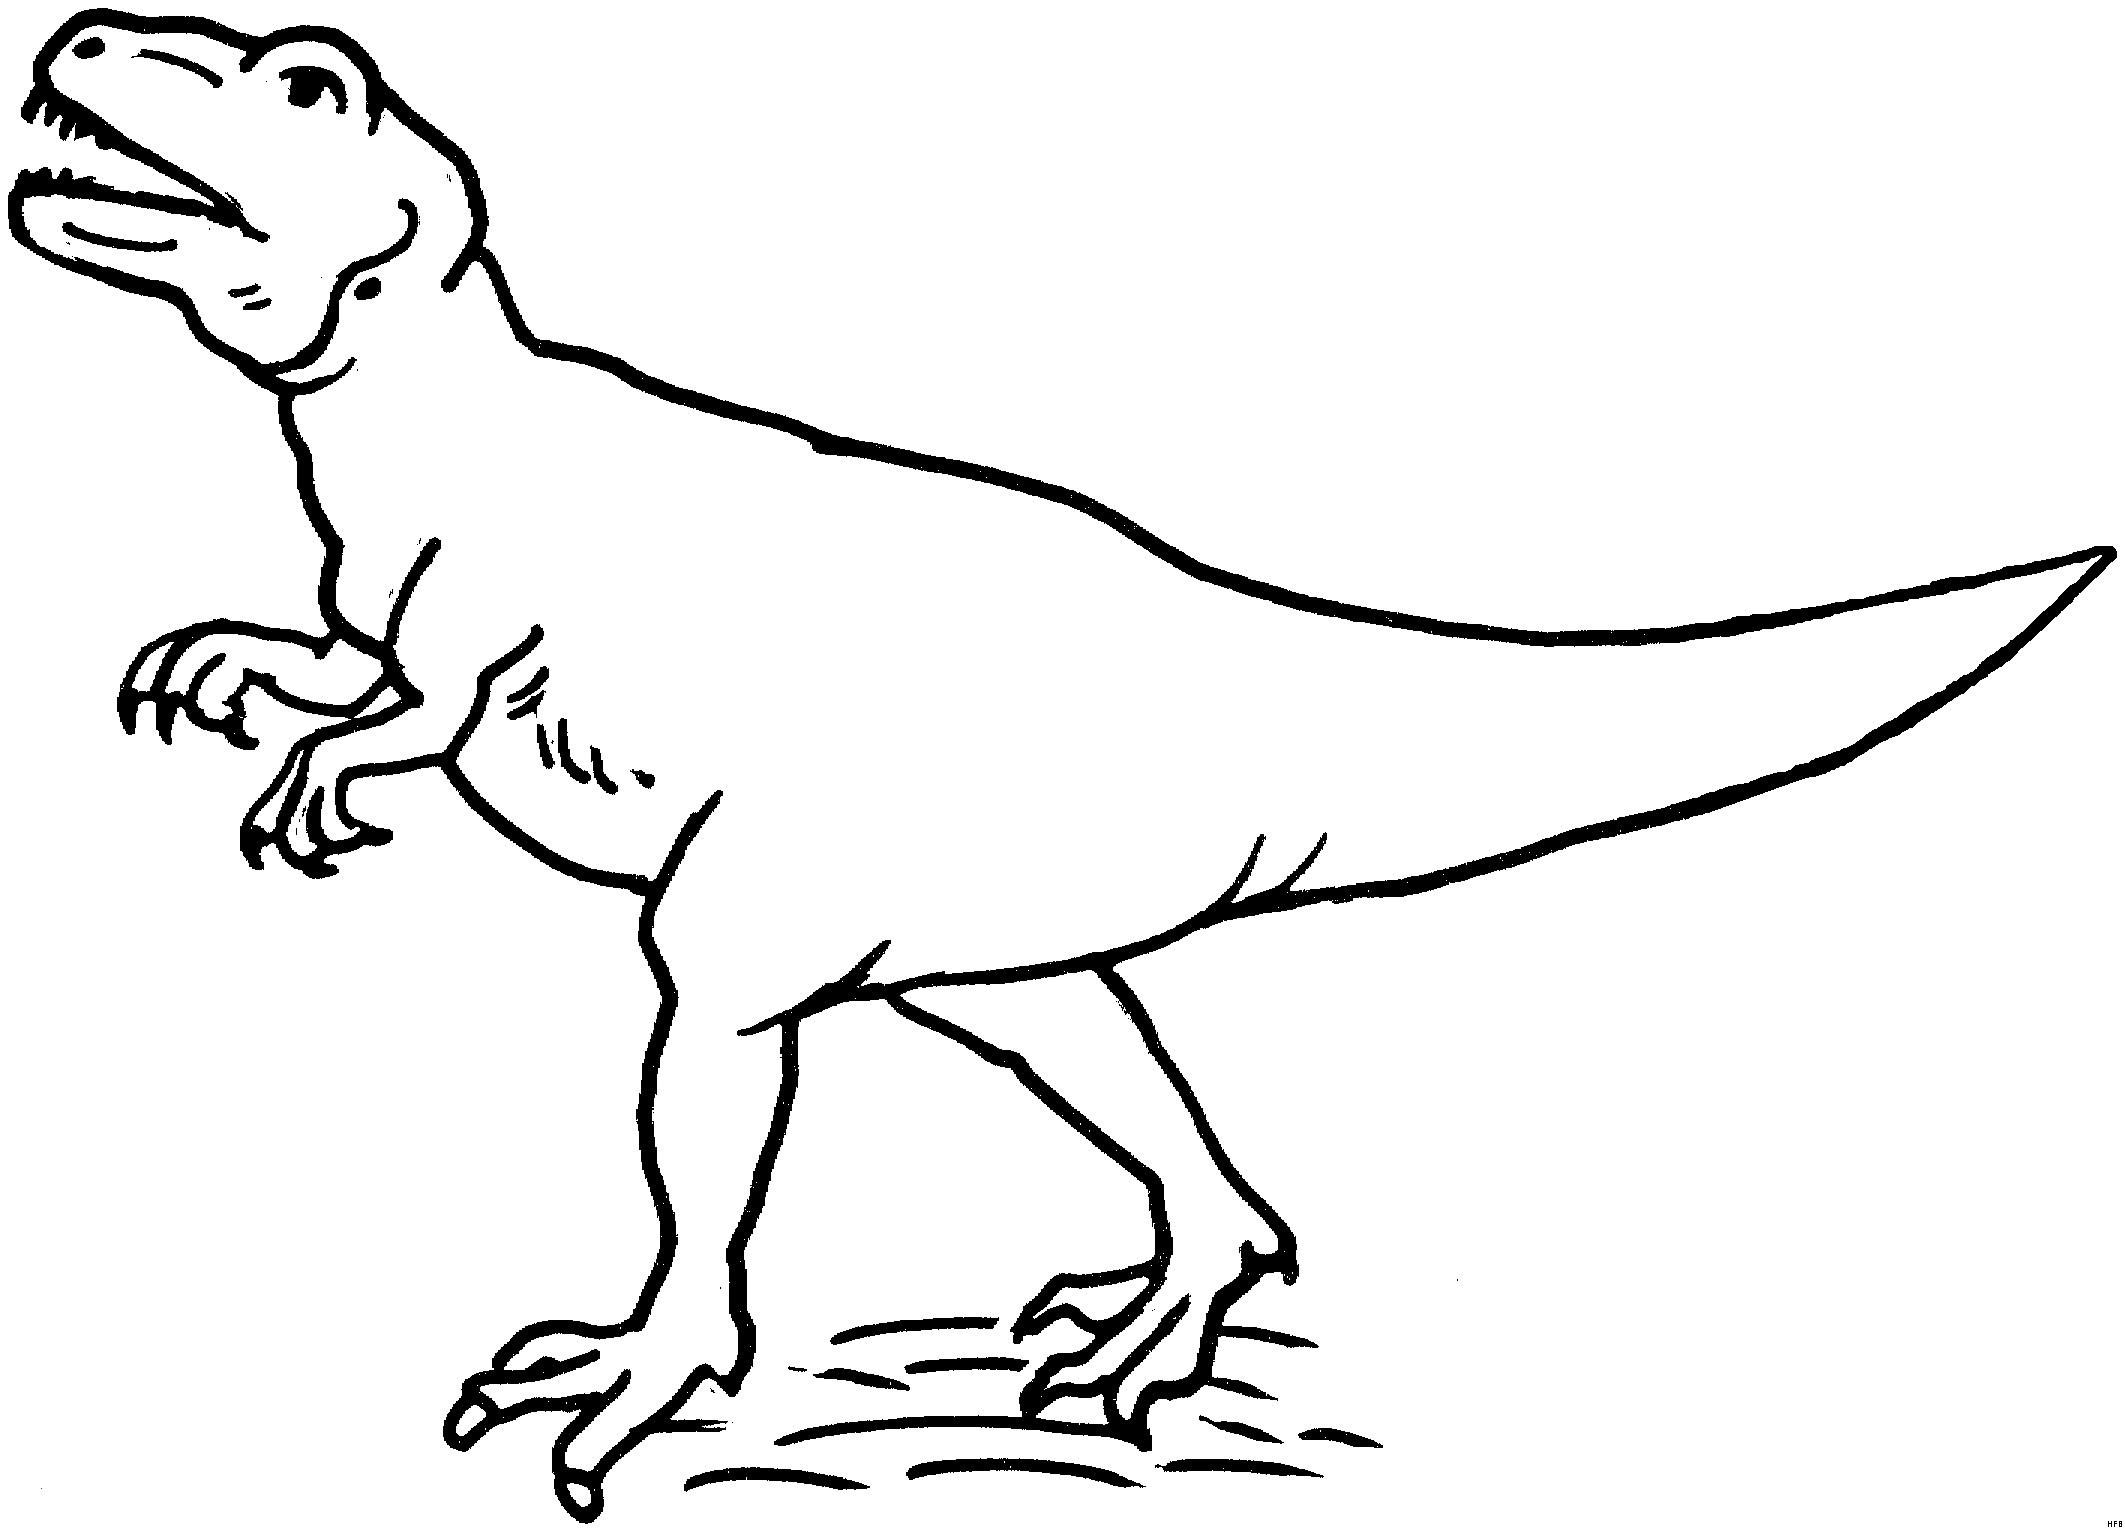 T Rex Ausmalbild Einzigartig 35 Ehrfürchtig Ausmalbilder T Rex Malvorlagen Sammlungen Sammlung